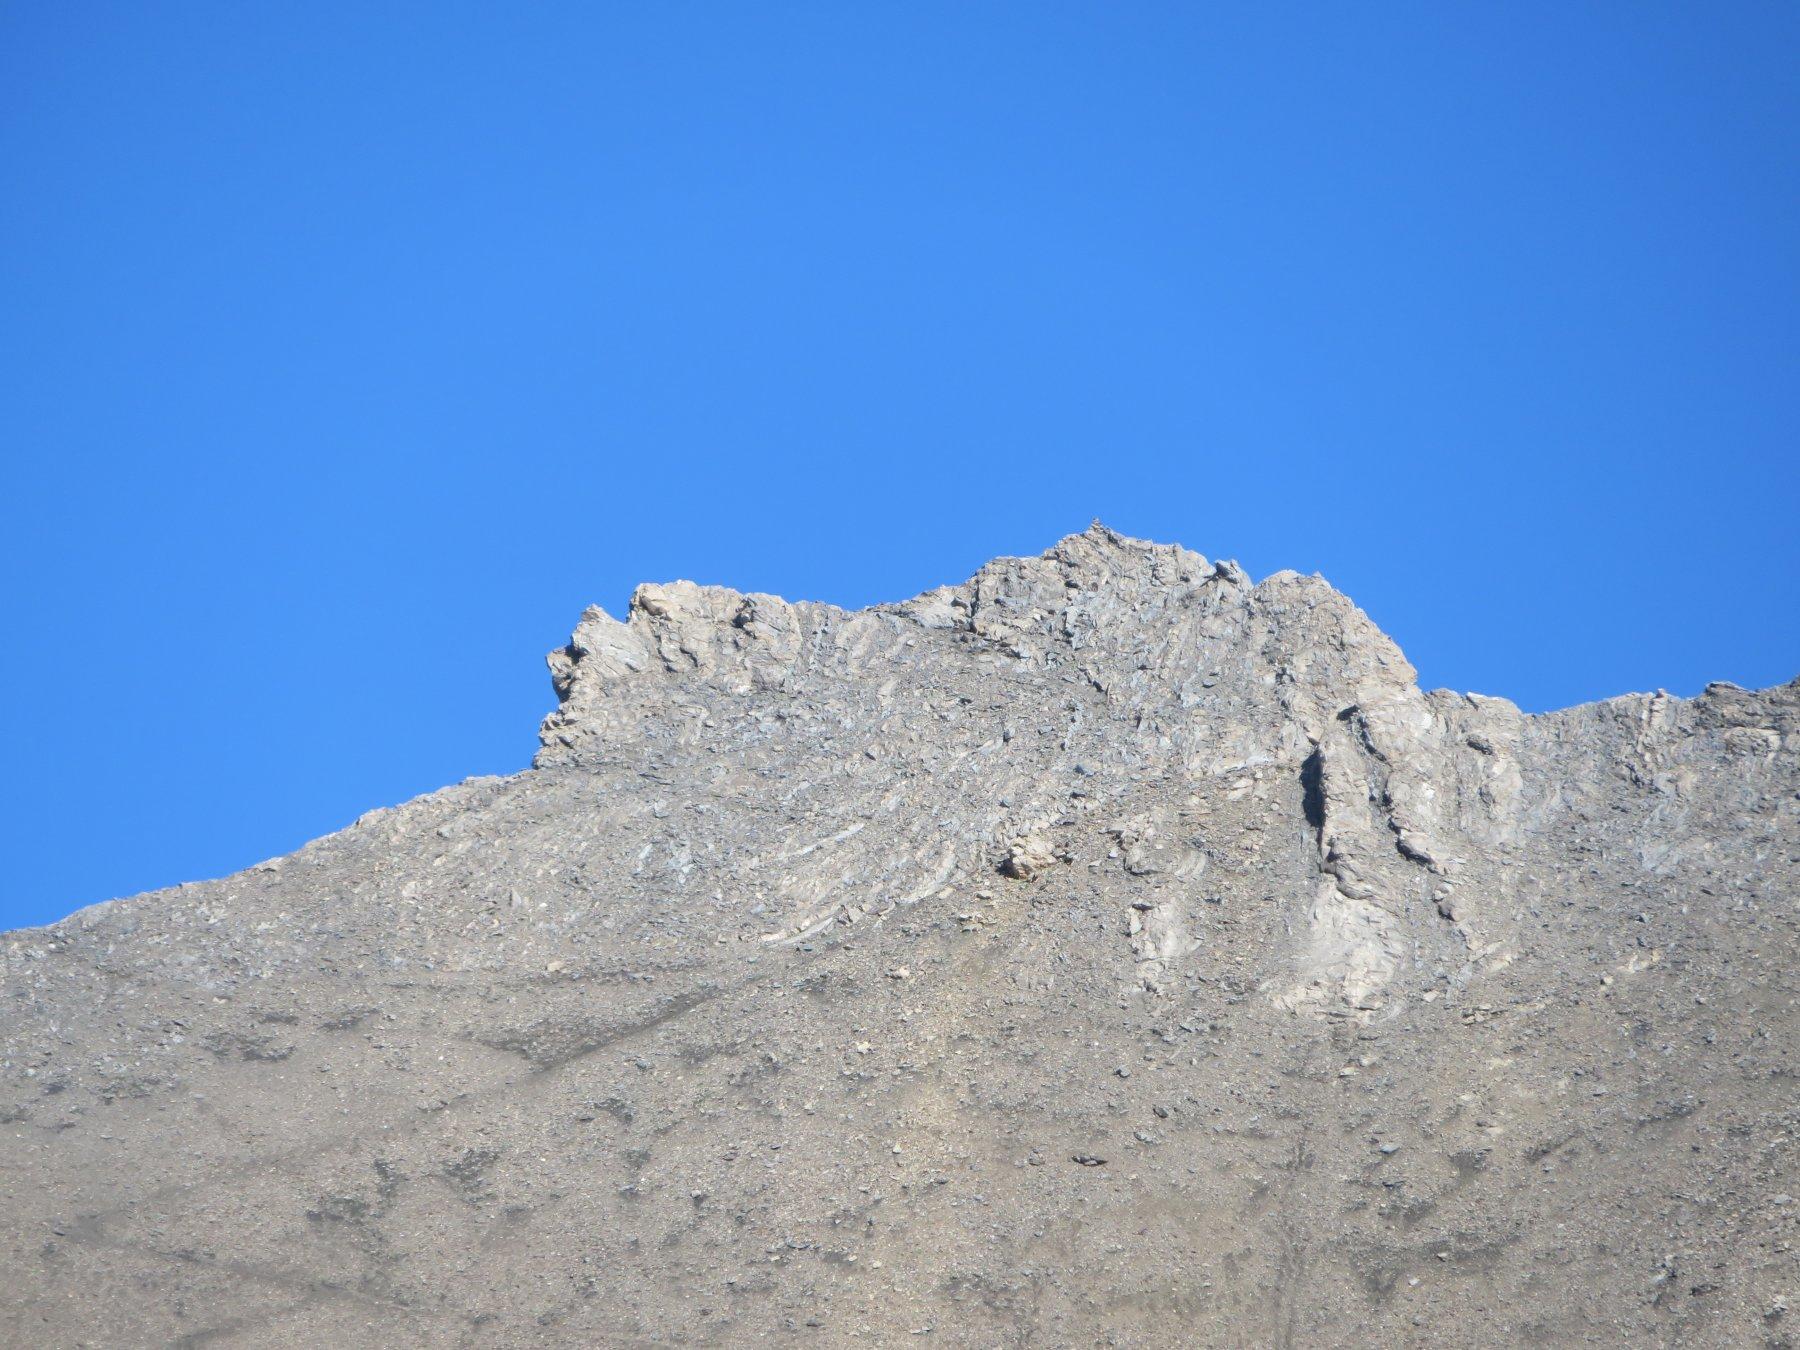 la puntina a 3071 metri, con la traccia di salita